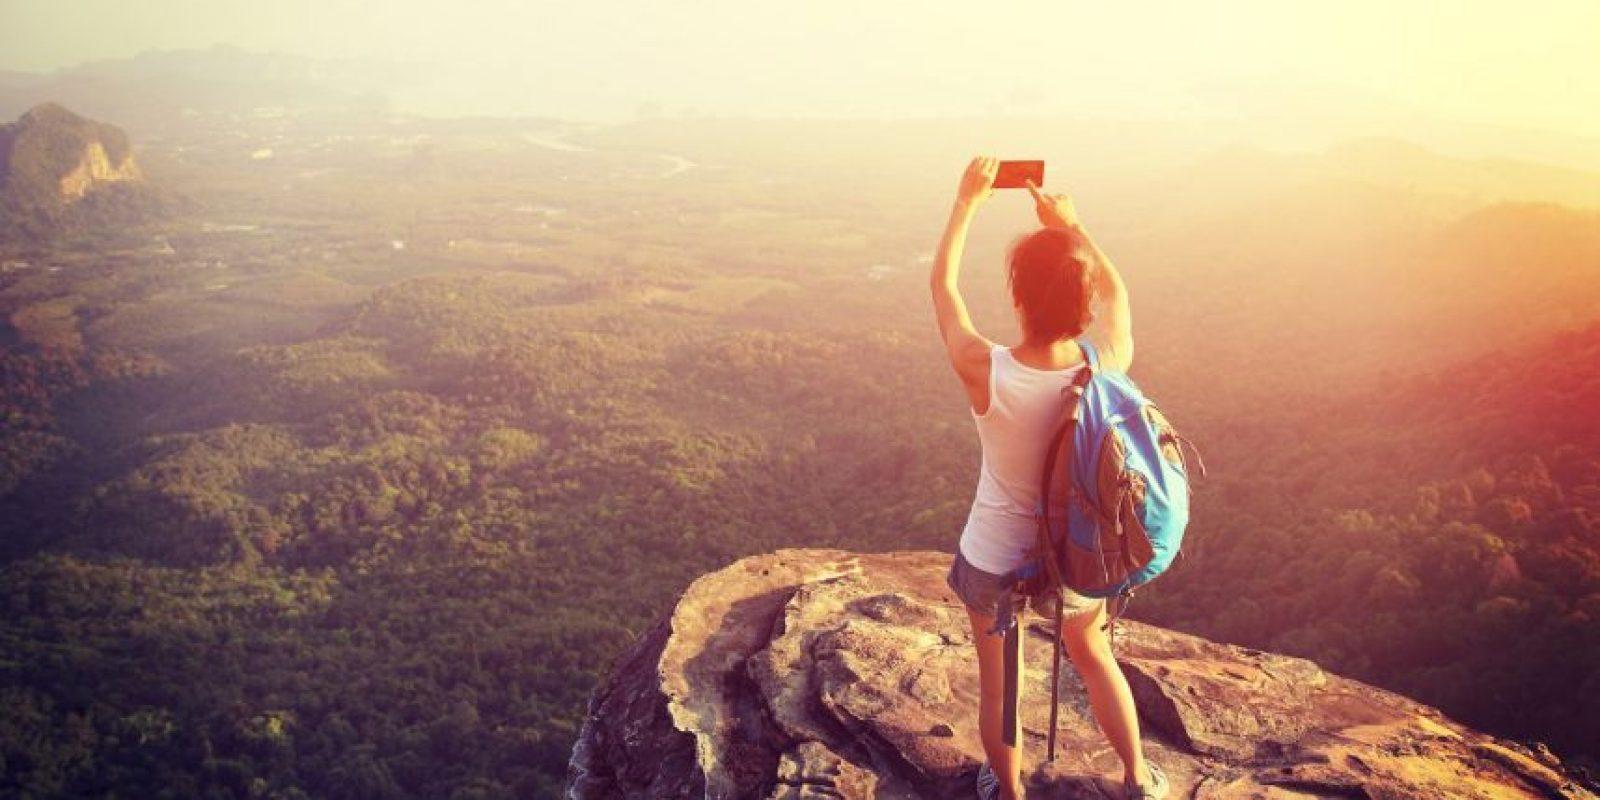 Viajeros: No hay un solo tipo de viajero. Queremos que los lectores capturen los perfiles de aventureros urbanos, excursionistas, amantes de la fauna y gastronomía.